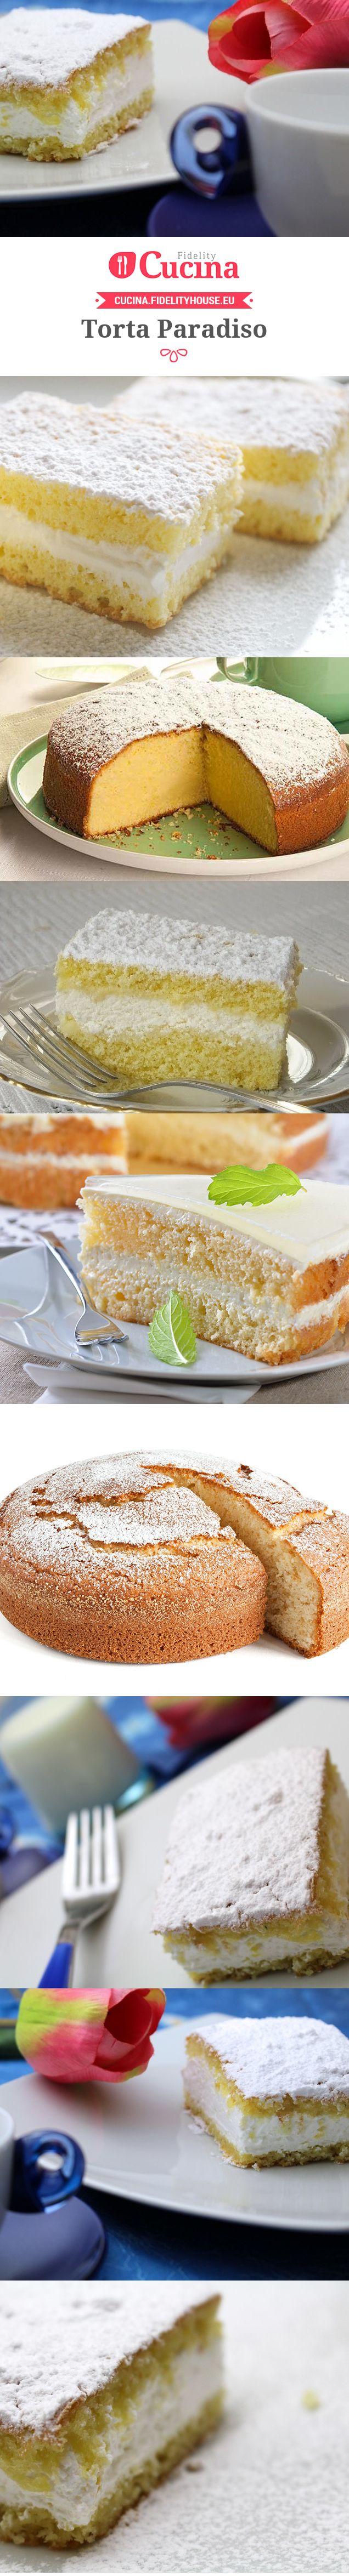 Ricetta Torta Paradiso - Le ricette di